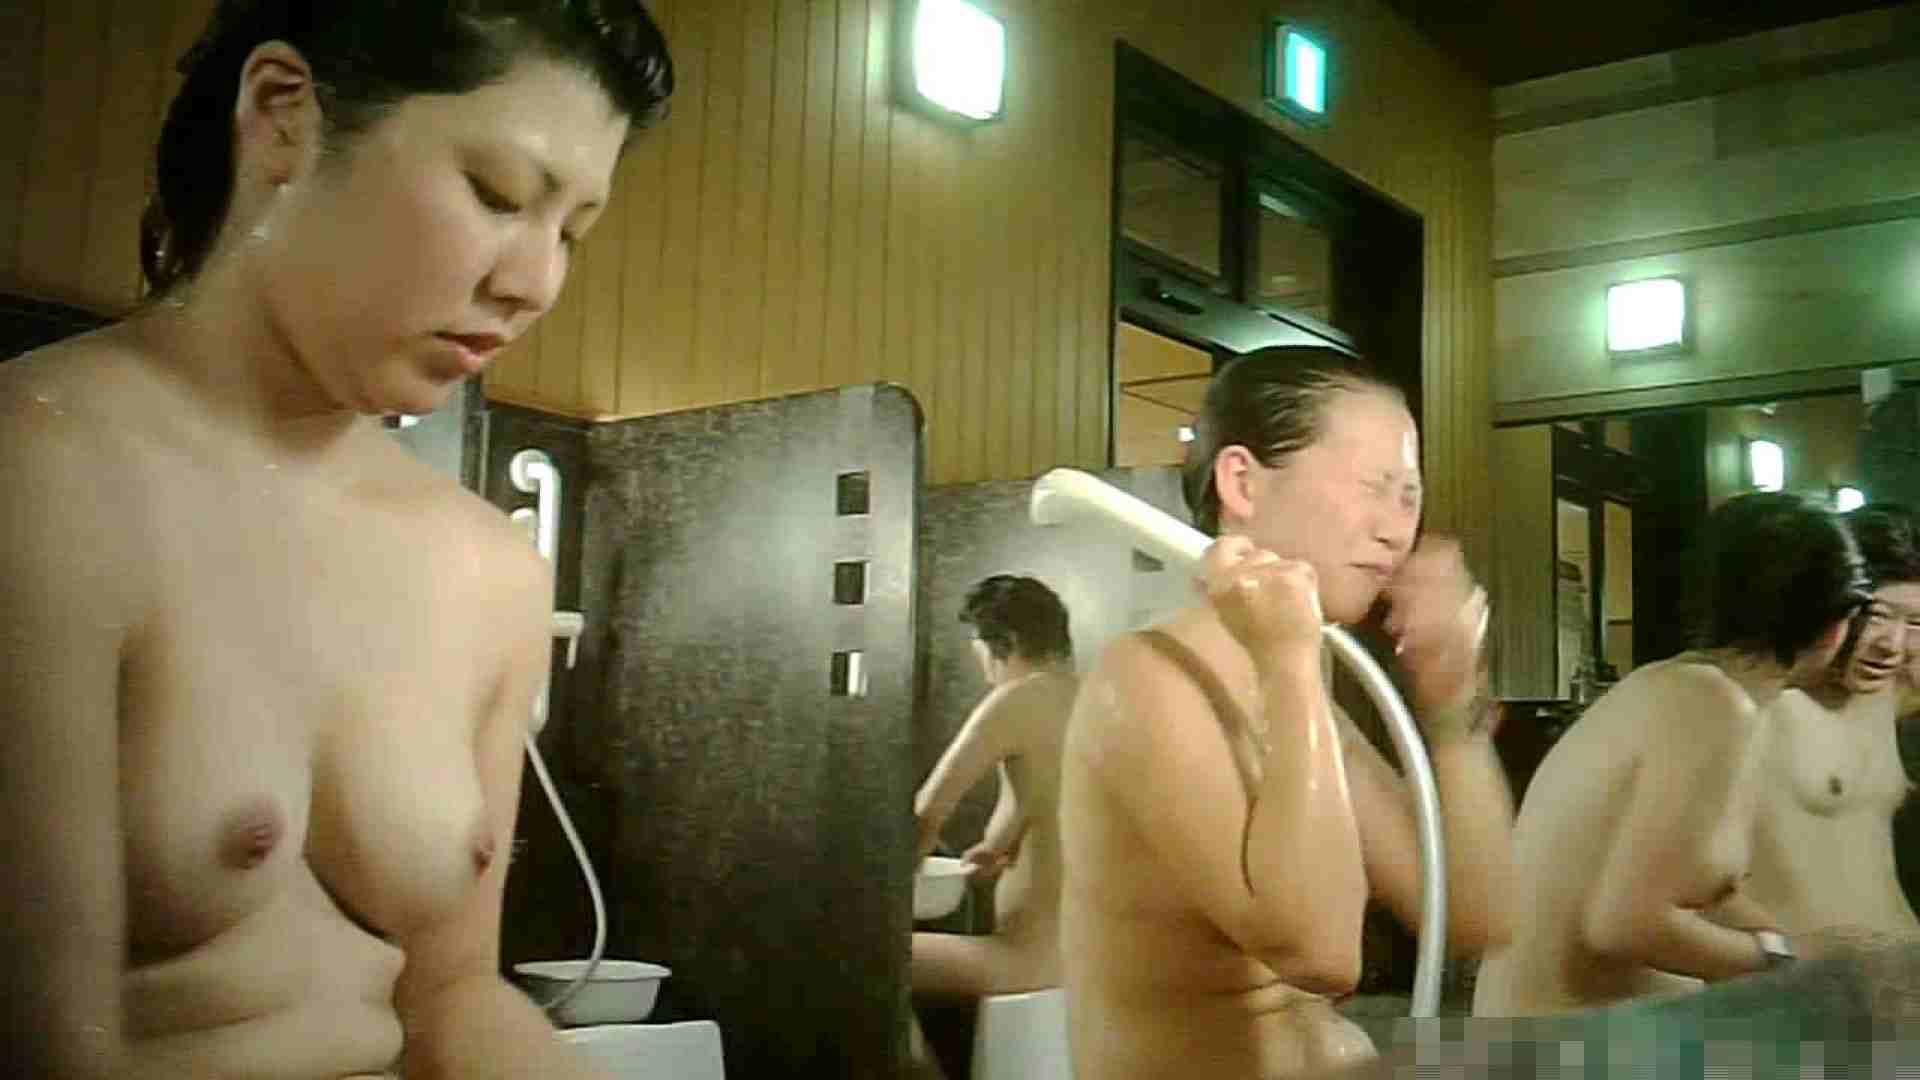 手を染めてしまった女性盗撮師の女風呂潜入記 vol.007 潜入 オマンコ無修正動画無料 75PICs 25